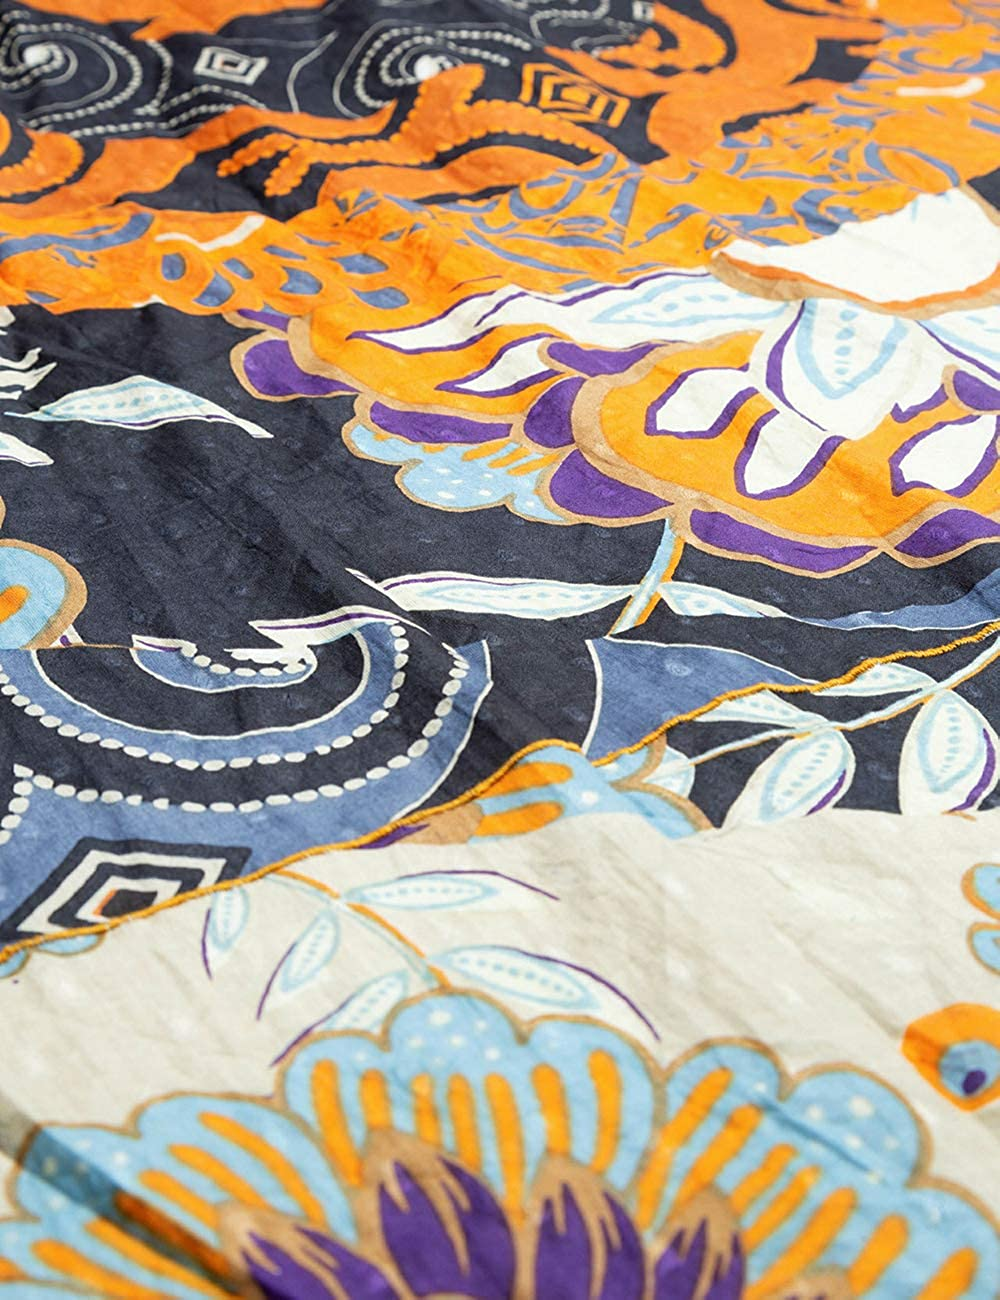 Unica Taglia Produttore: U Desigual Foul/_New Prints On The Block Sciarpa Nero Donna Blue Moon 2051